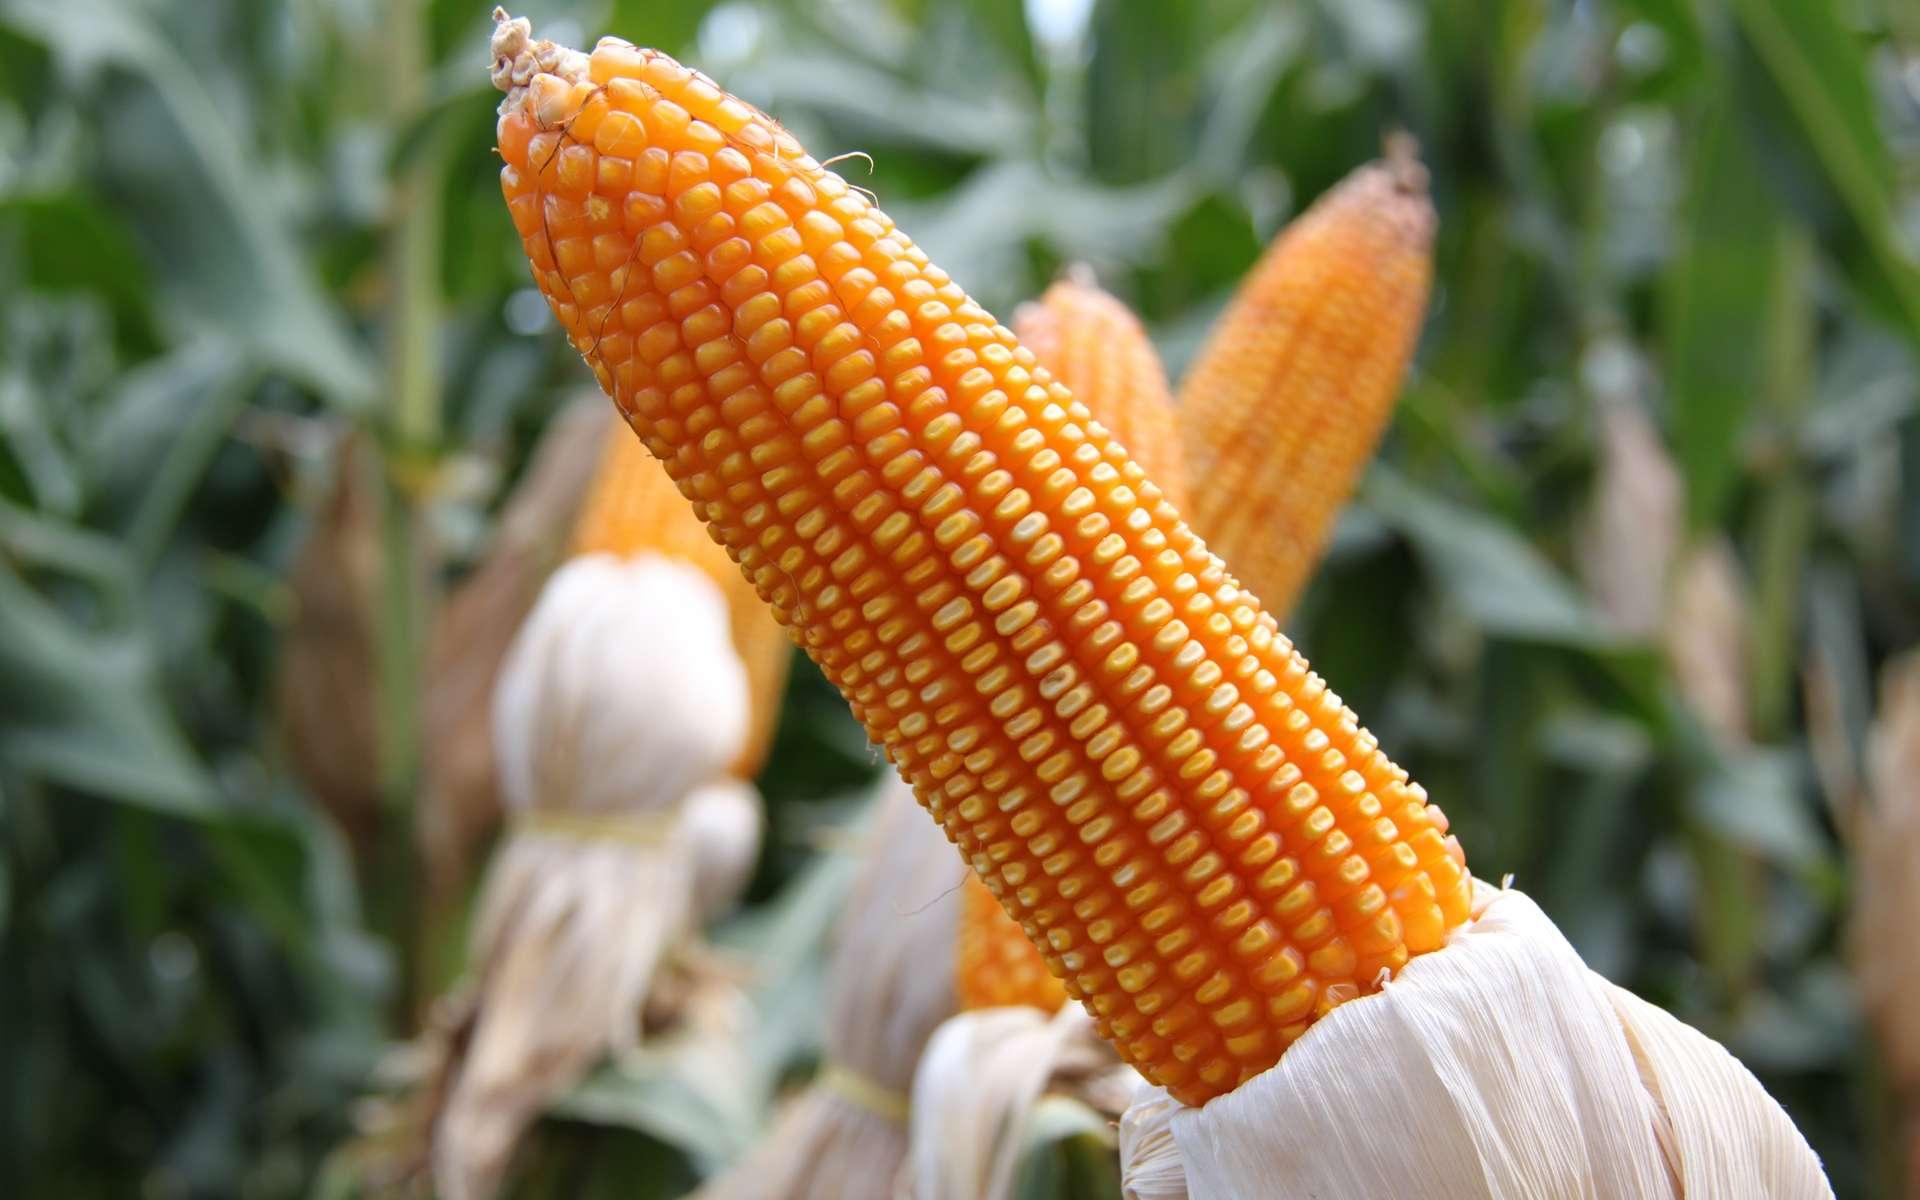 Le maïs transgénique est la semence OGM la plus cultivée au monde, après le soja. © PxHere